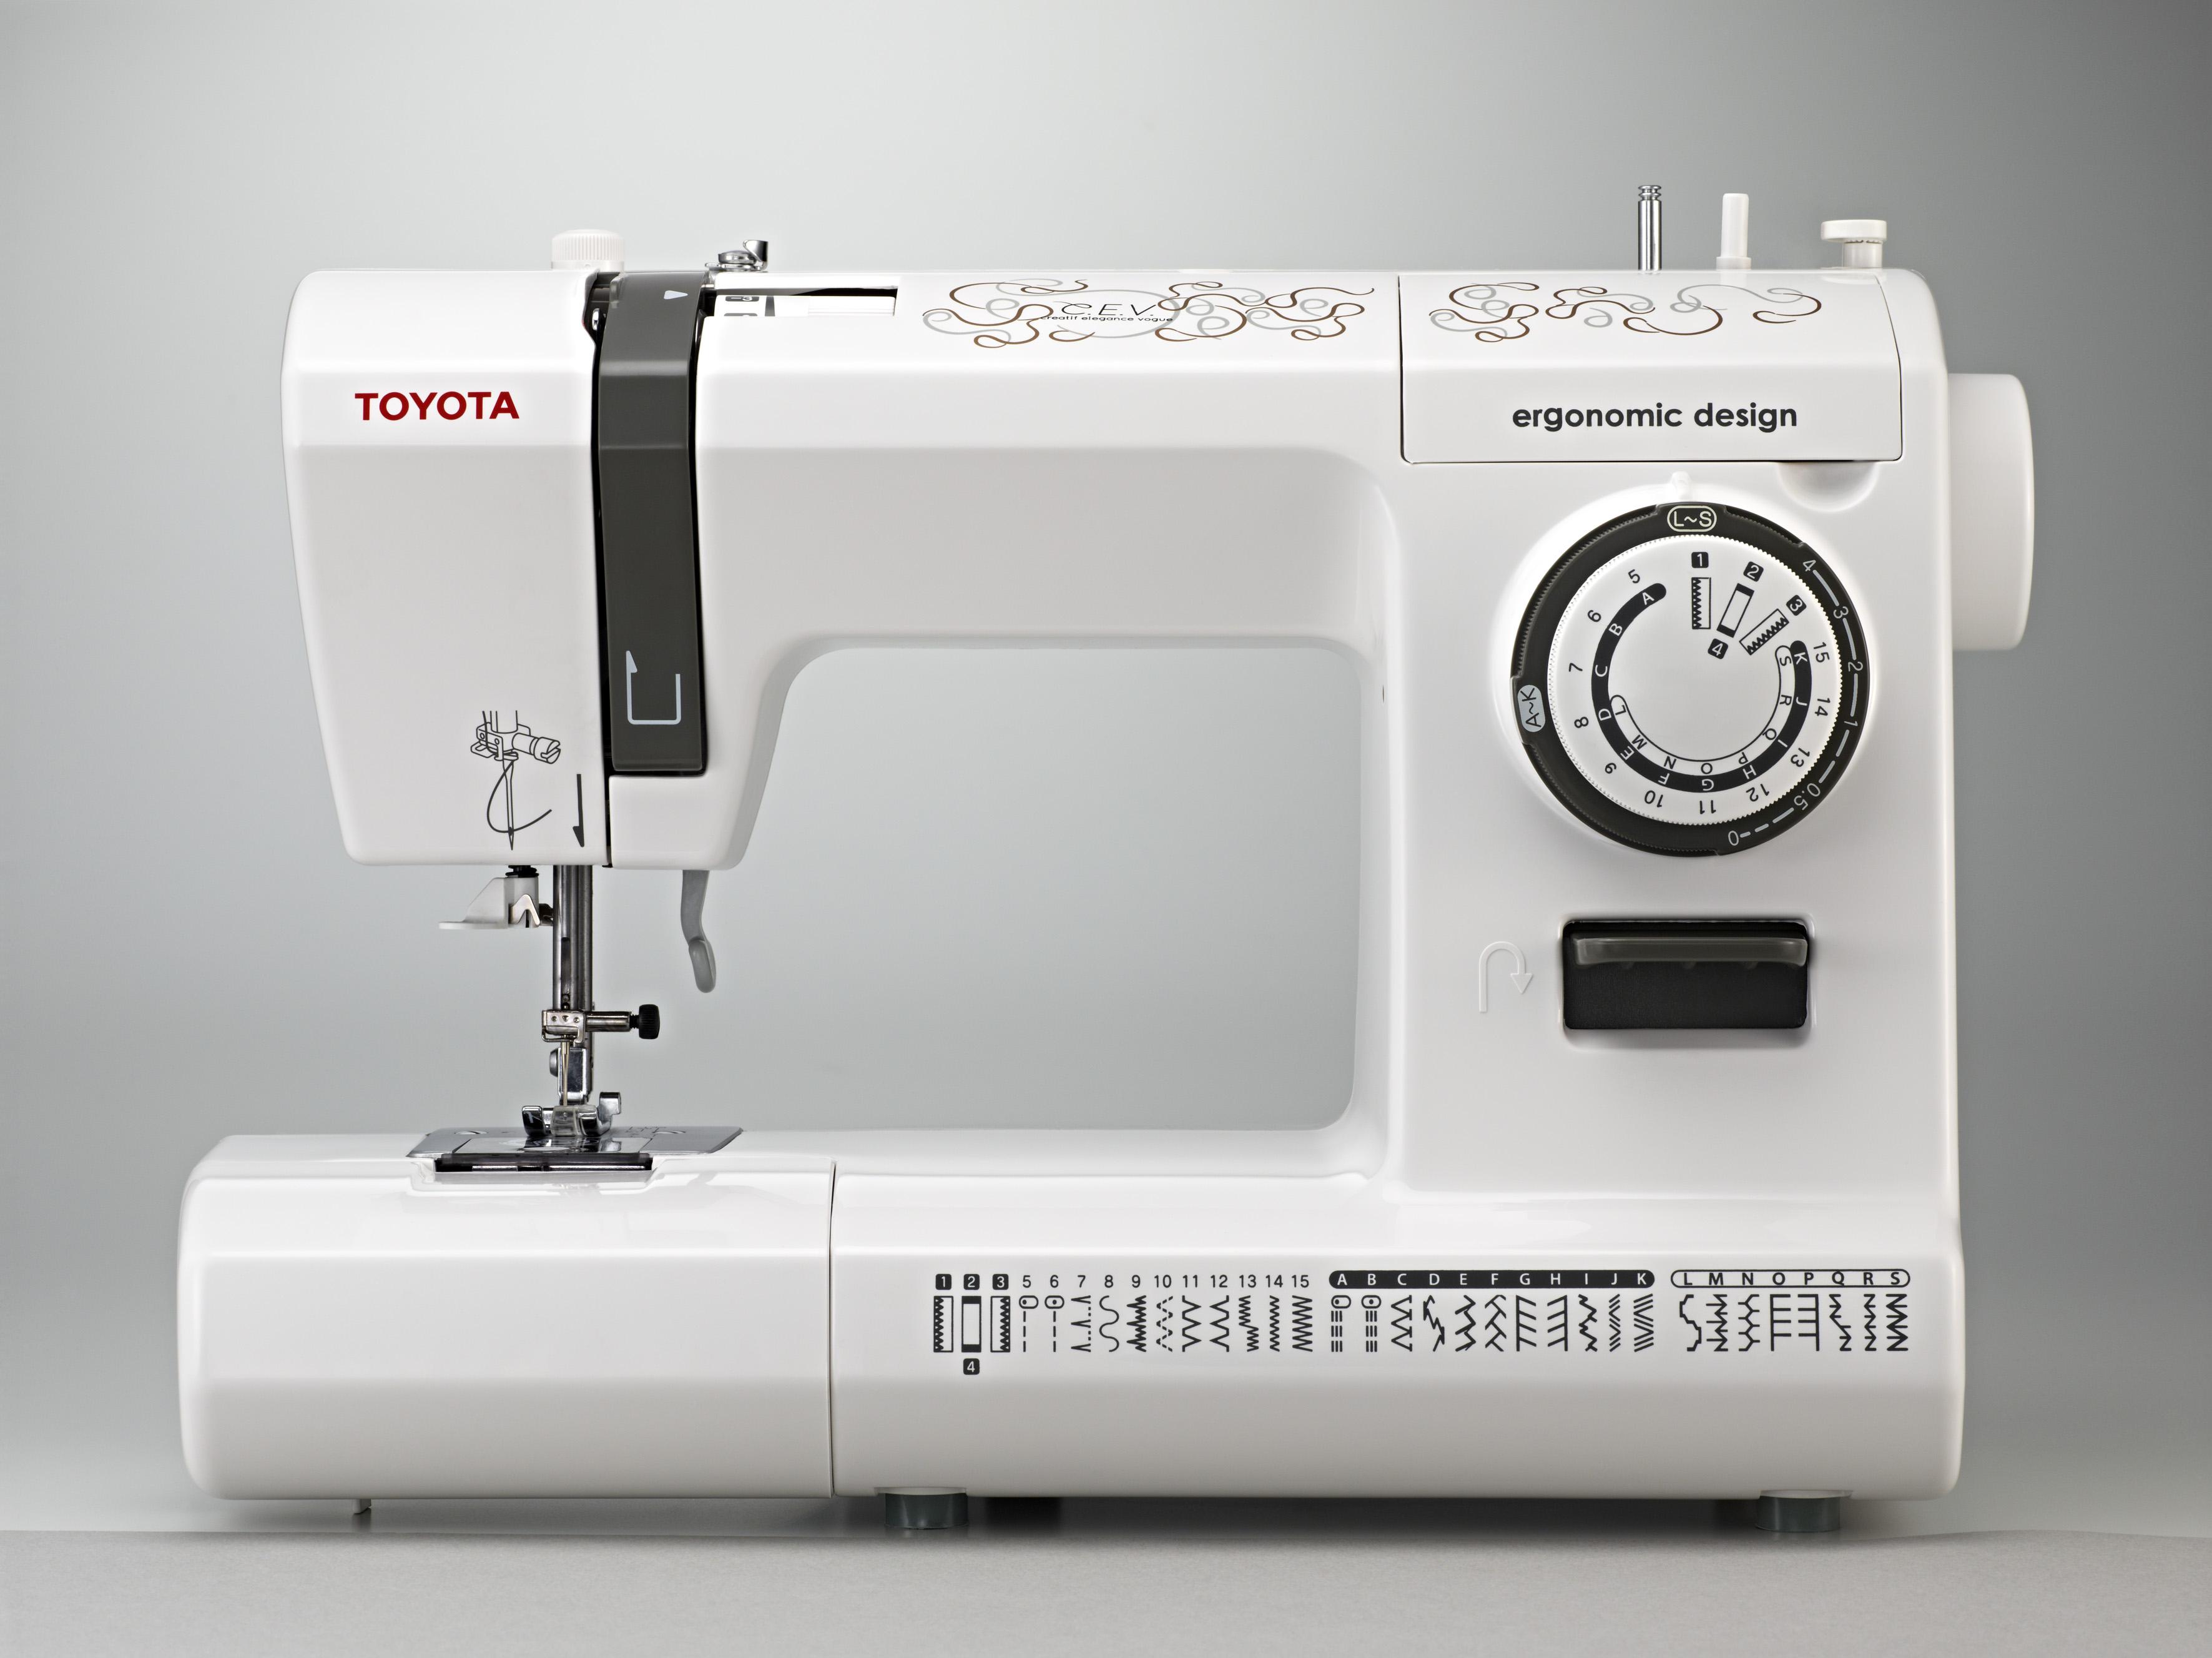 šicí stroj Toyota C.E.V.-2